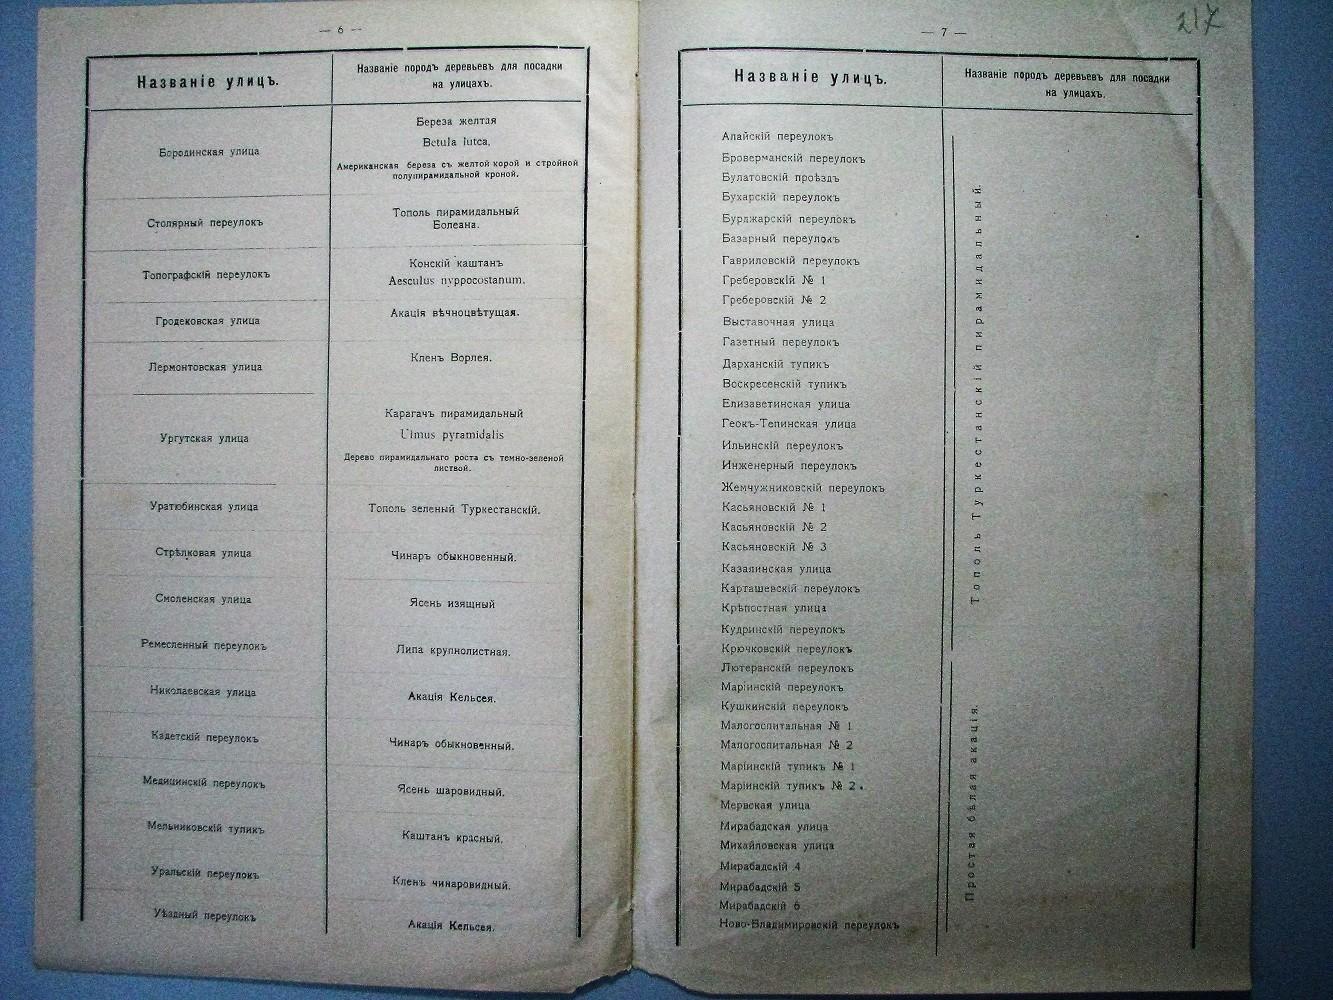 Ташкент-shosh (4)